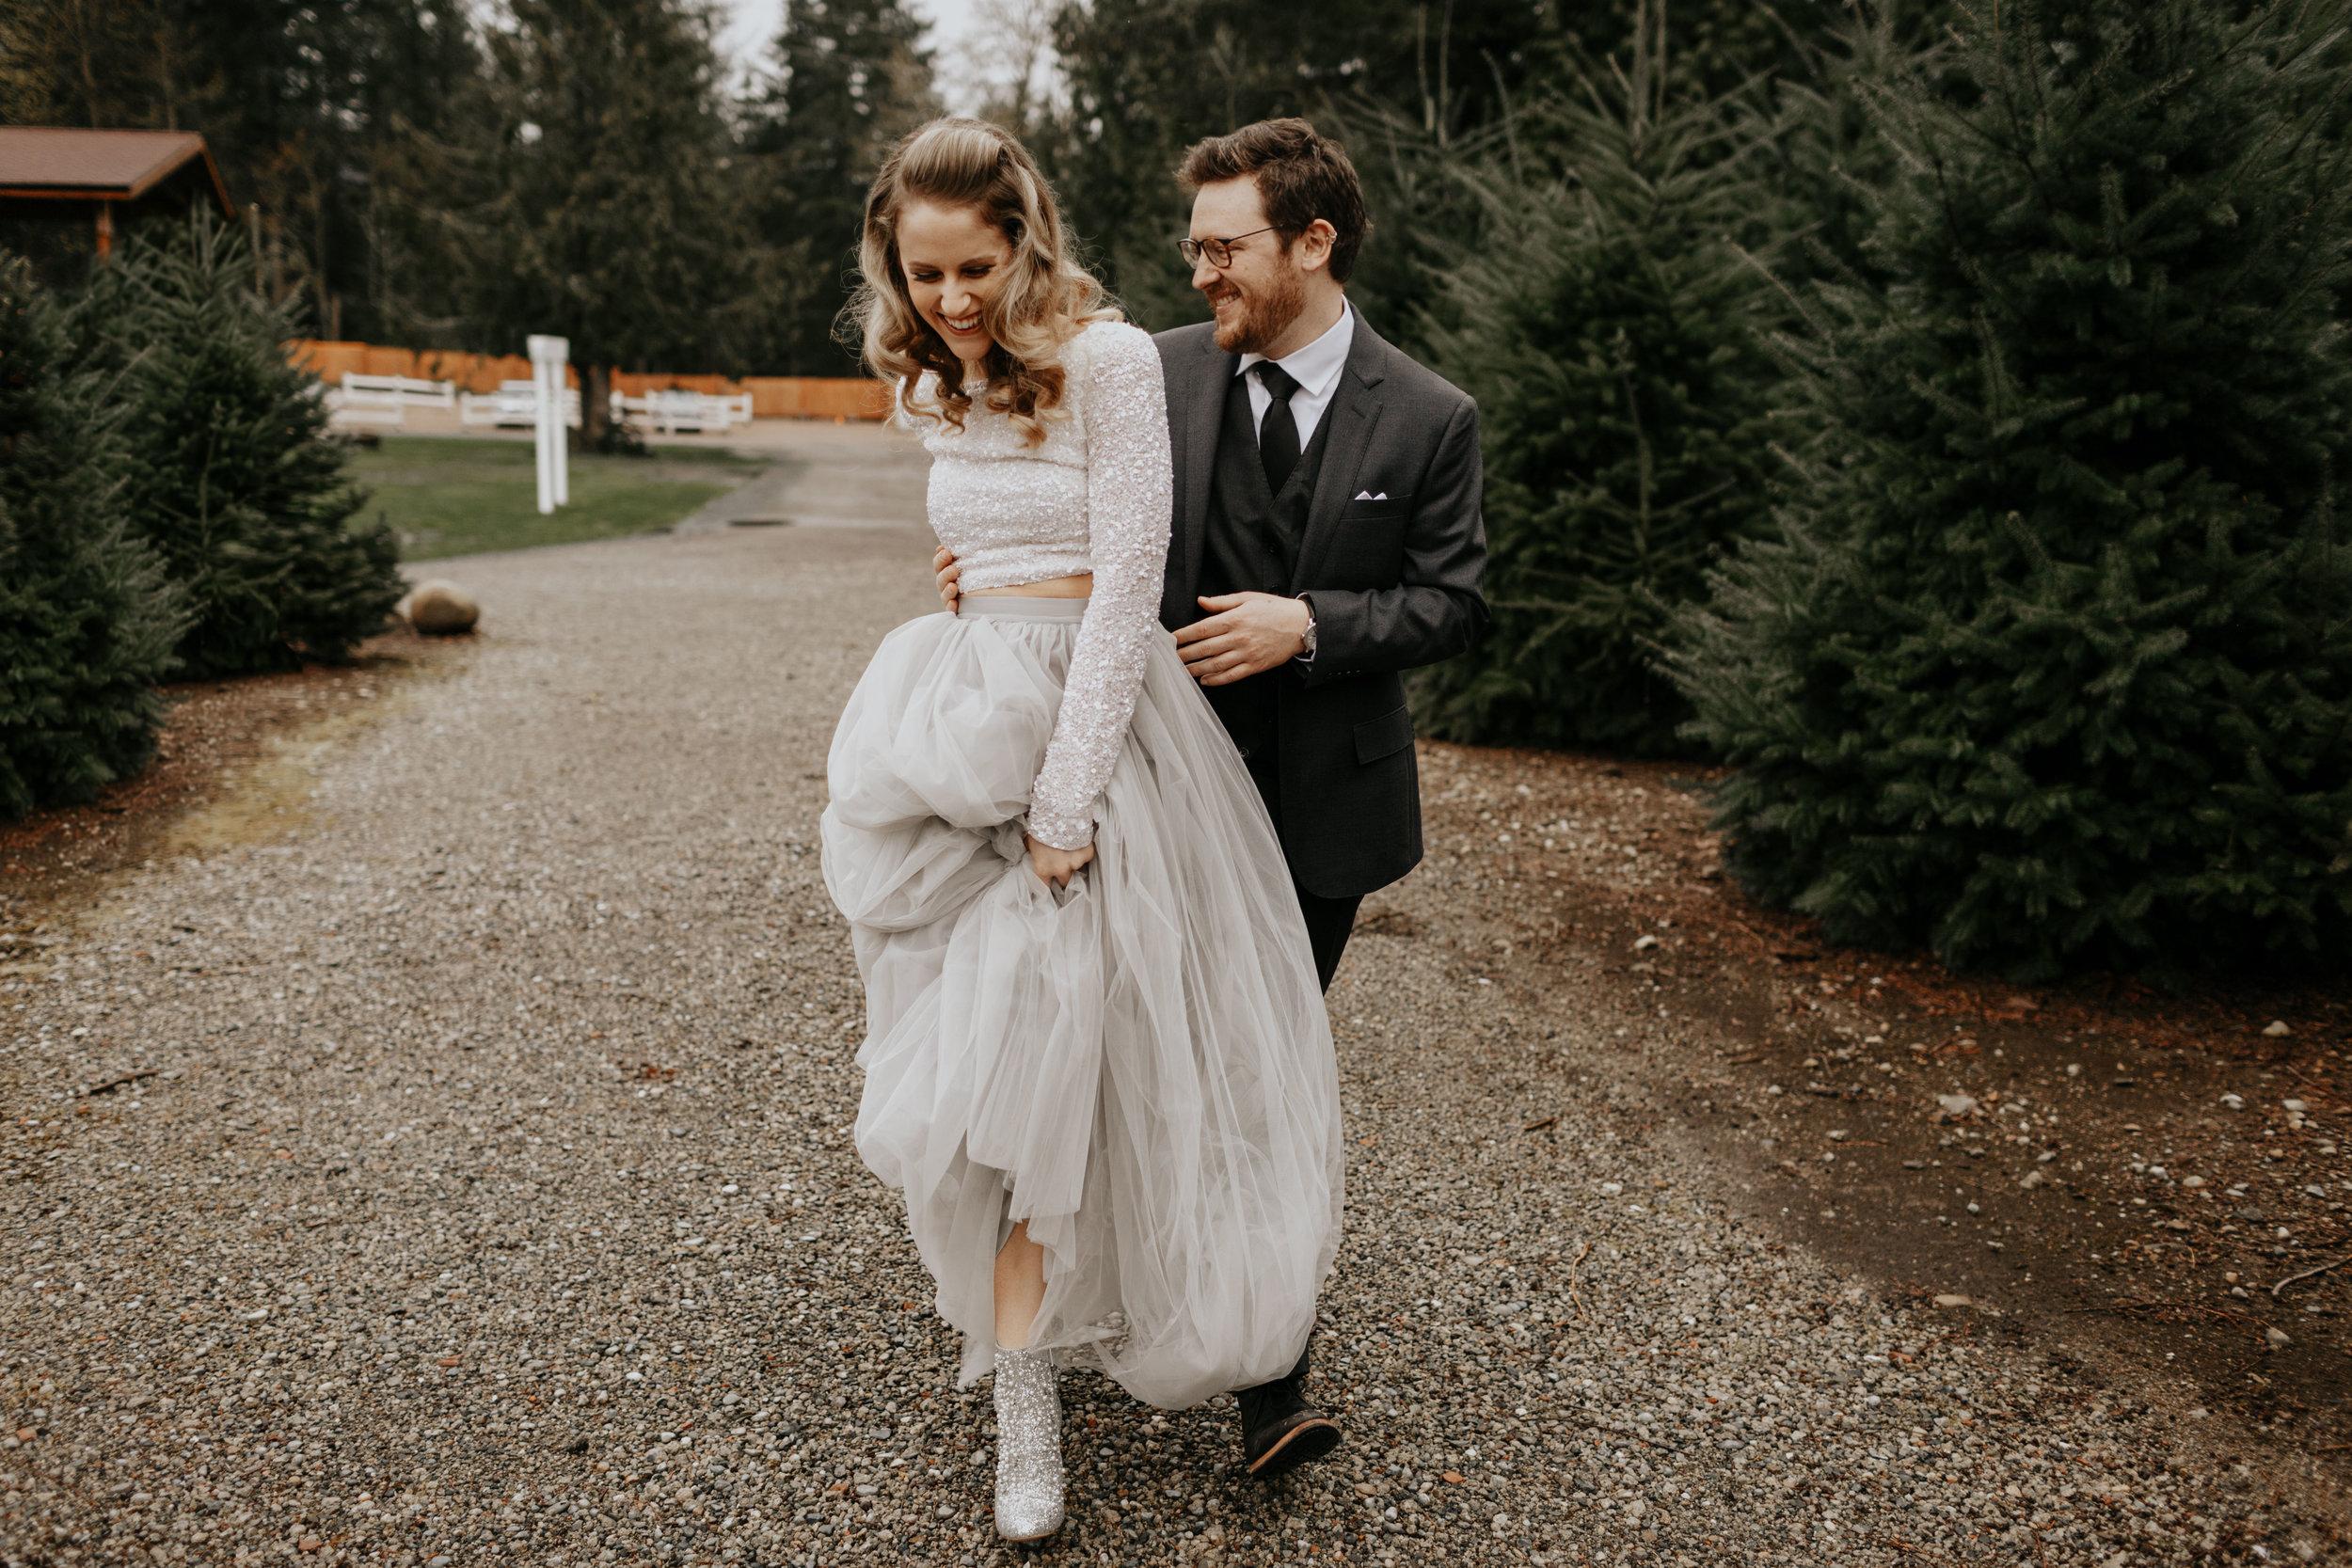 ginapaulson-courtnyandryan-wedding-160.jpg